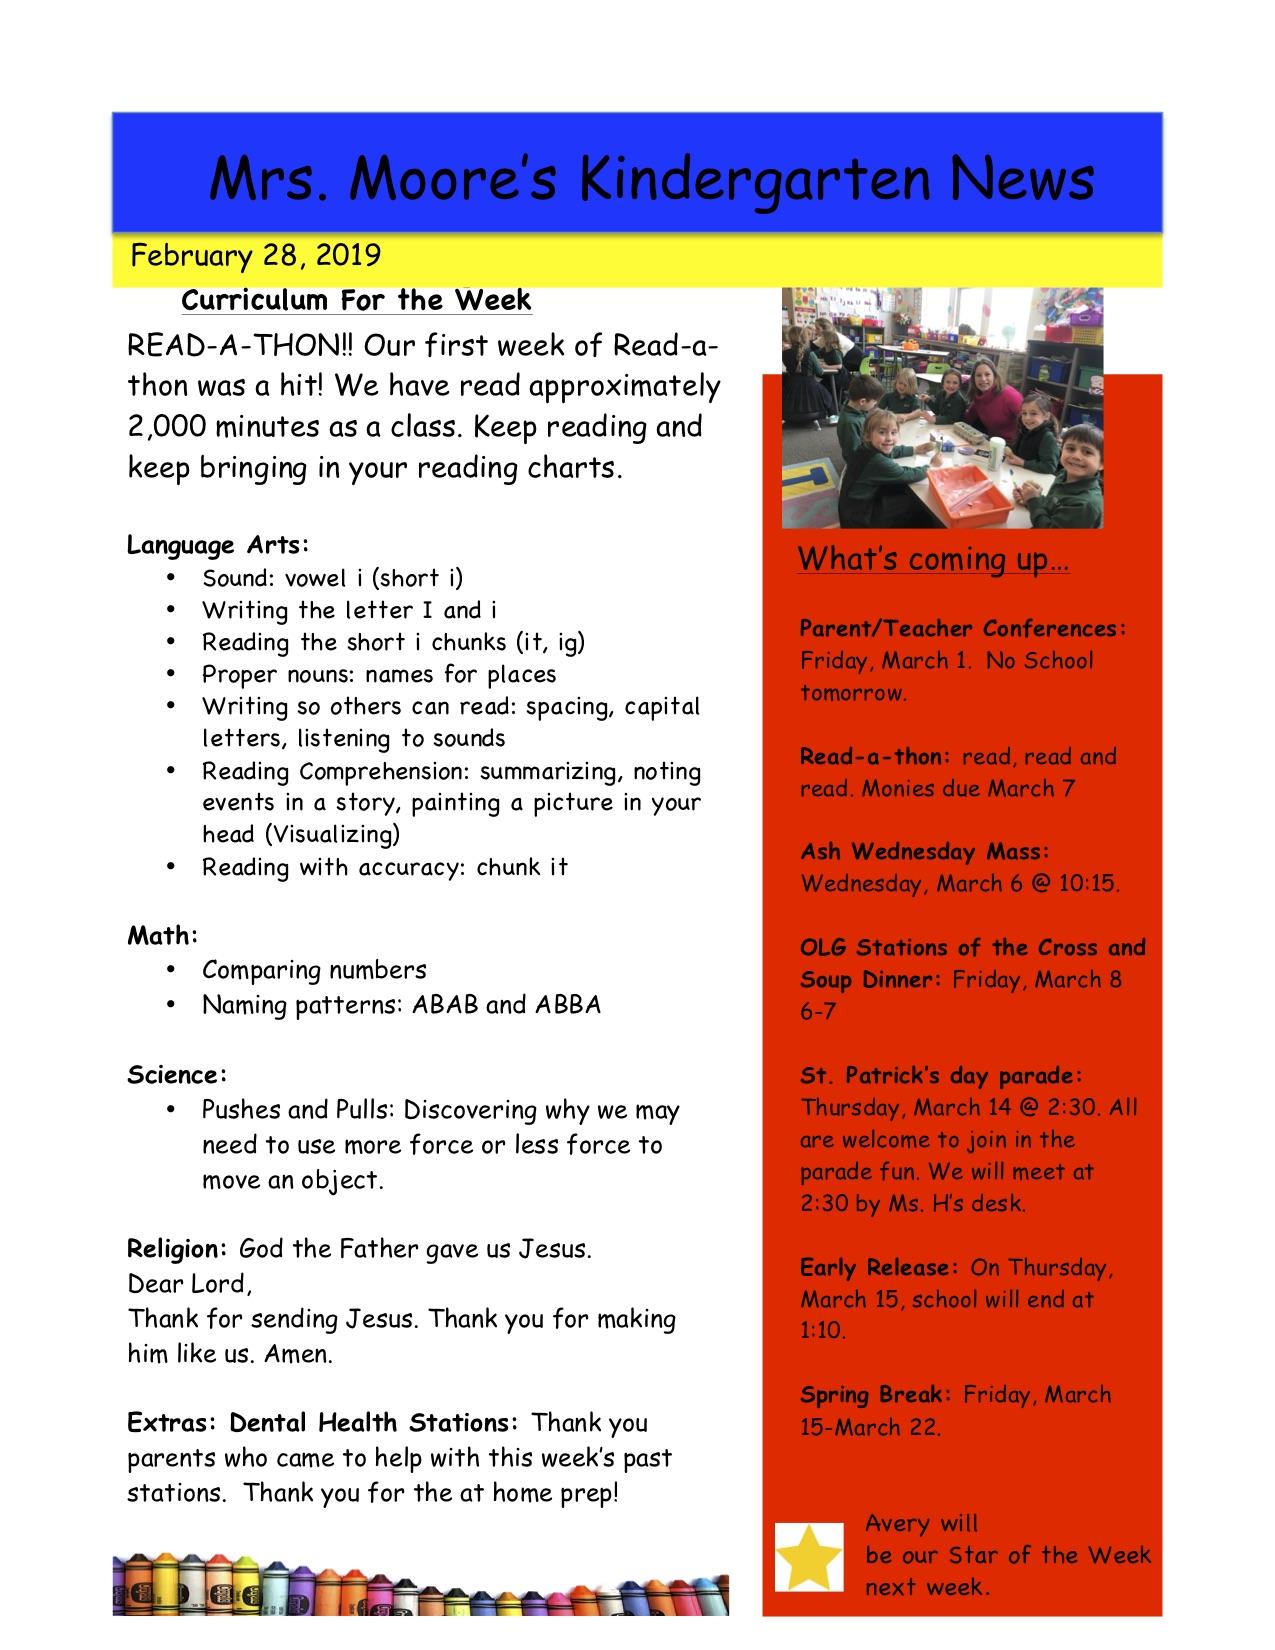 MOoreNewsletter Week 2-25-19.jpg